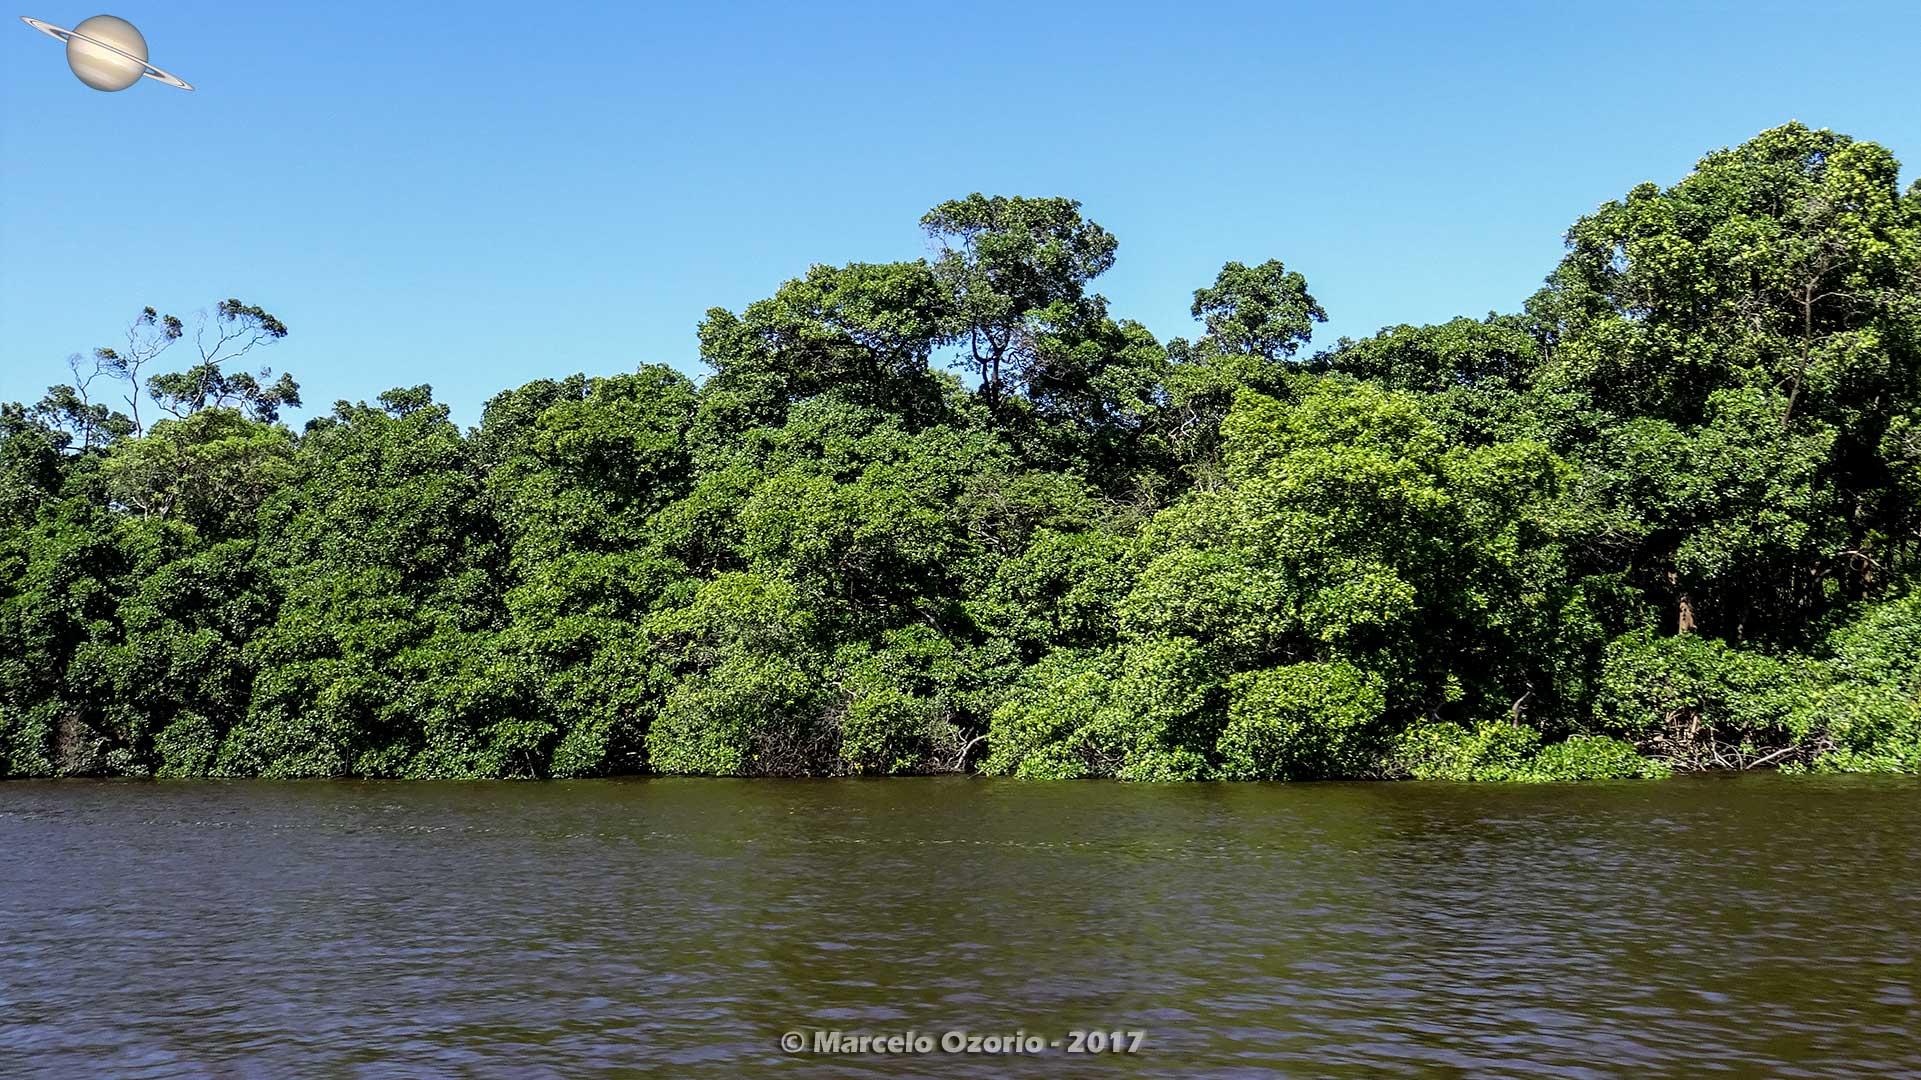 barreirinhas descendo rio preguicas atins 14 - De Barreirinhas à Canto do Atins. Trekking nos Lençóis Maranhenses - Brasil